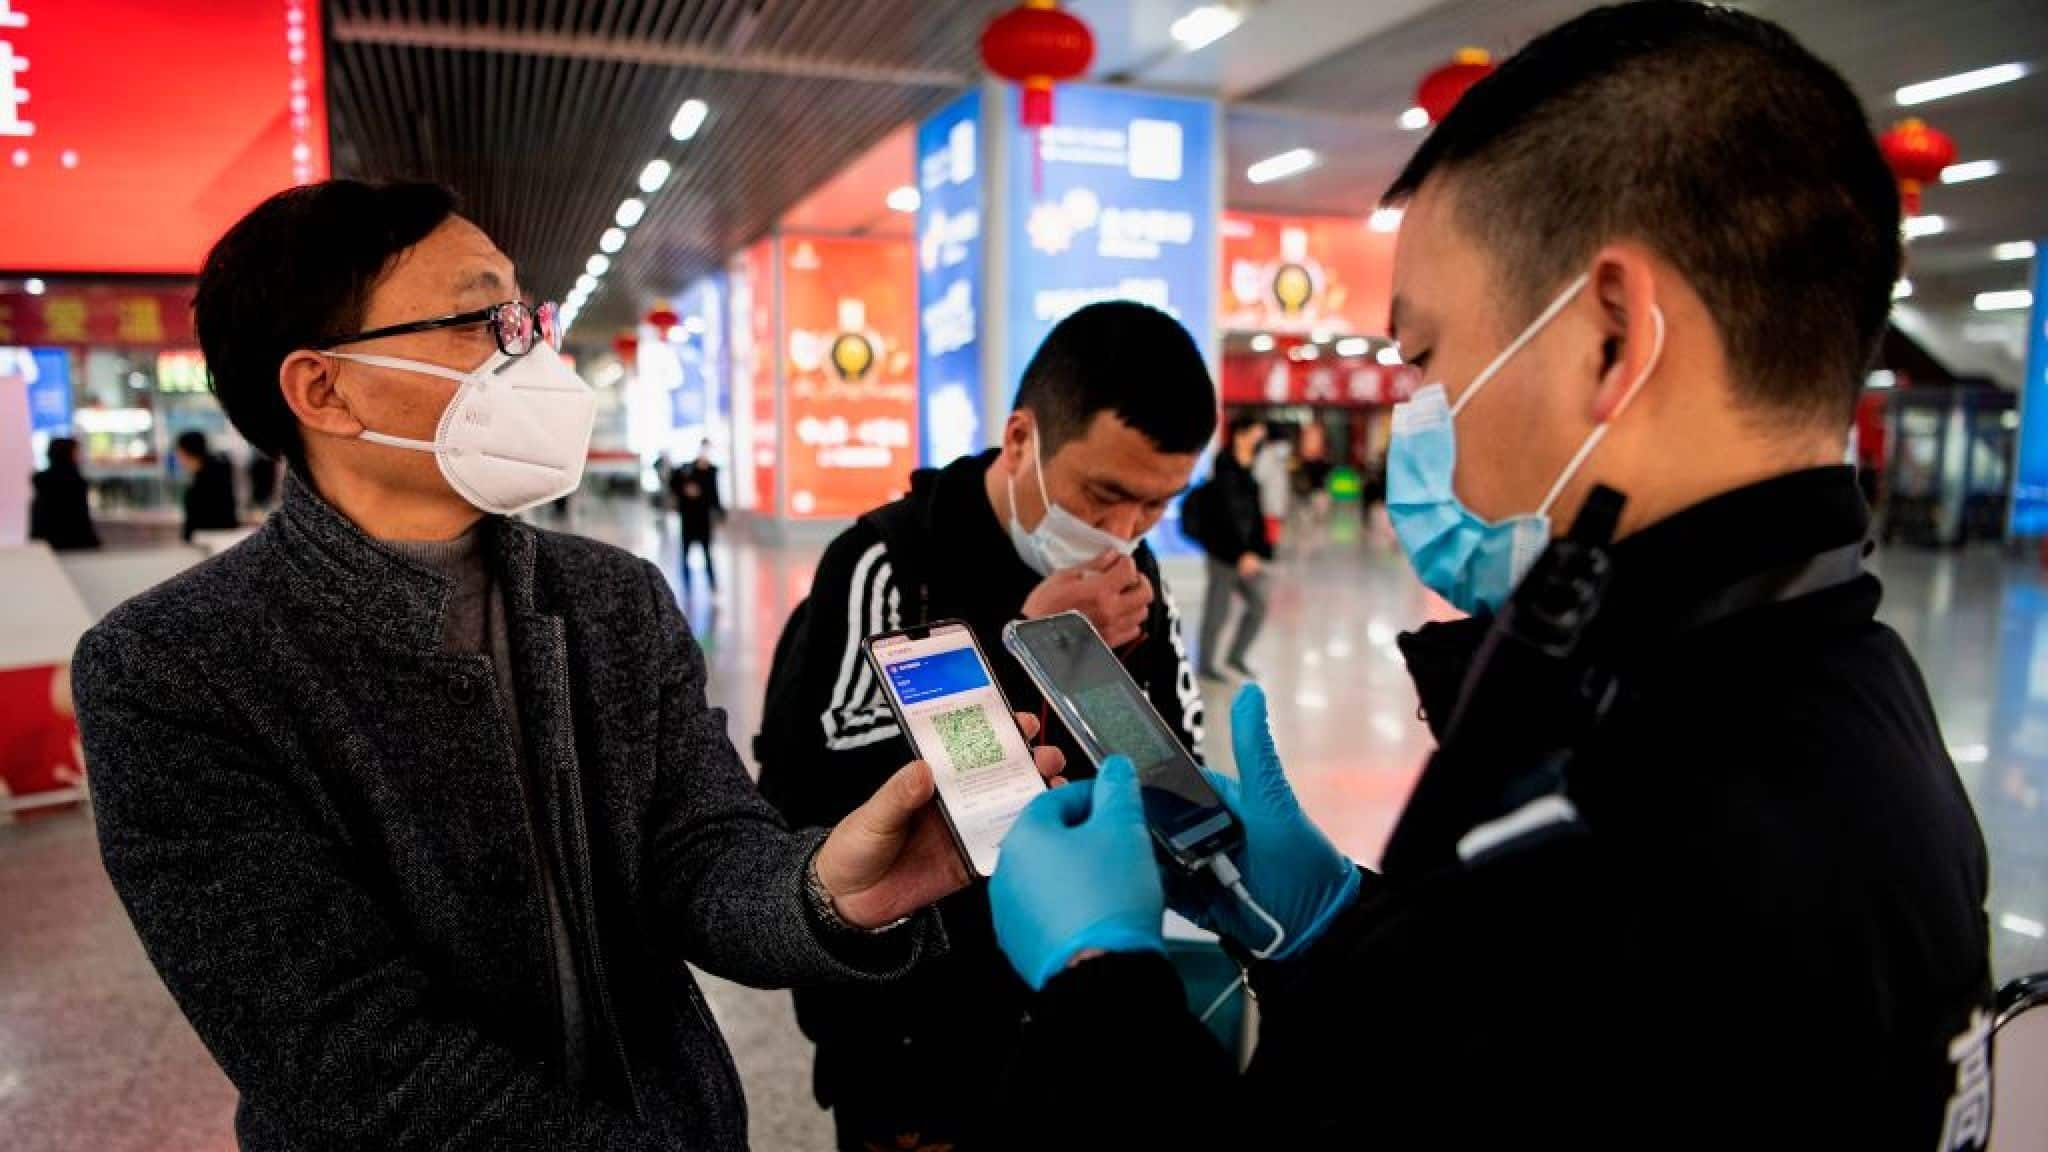 ჩინეთი - კორონავირუსი მწვანე კოდი